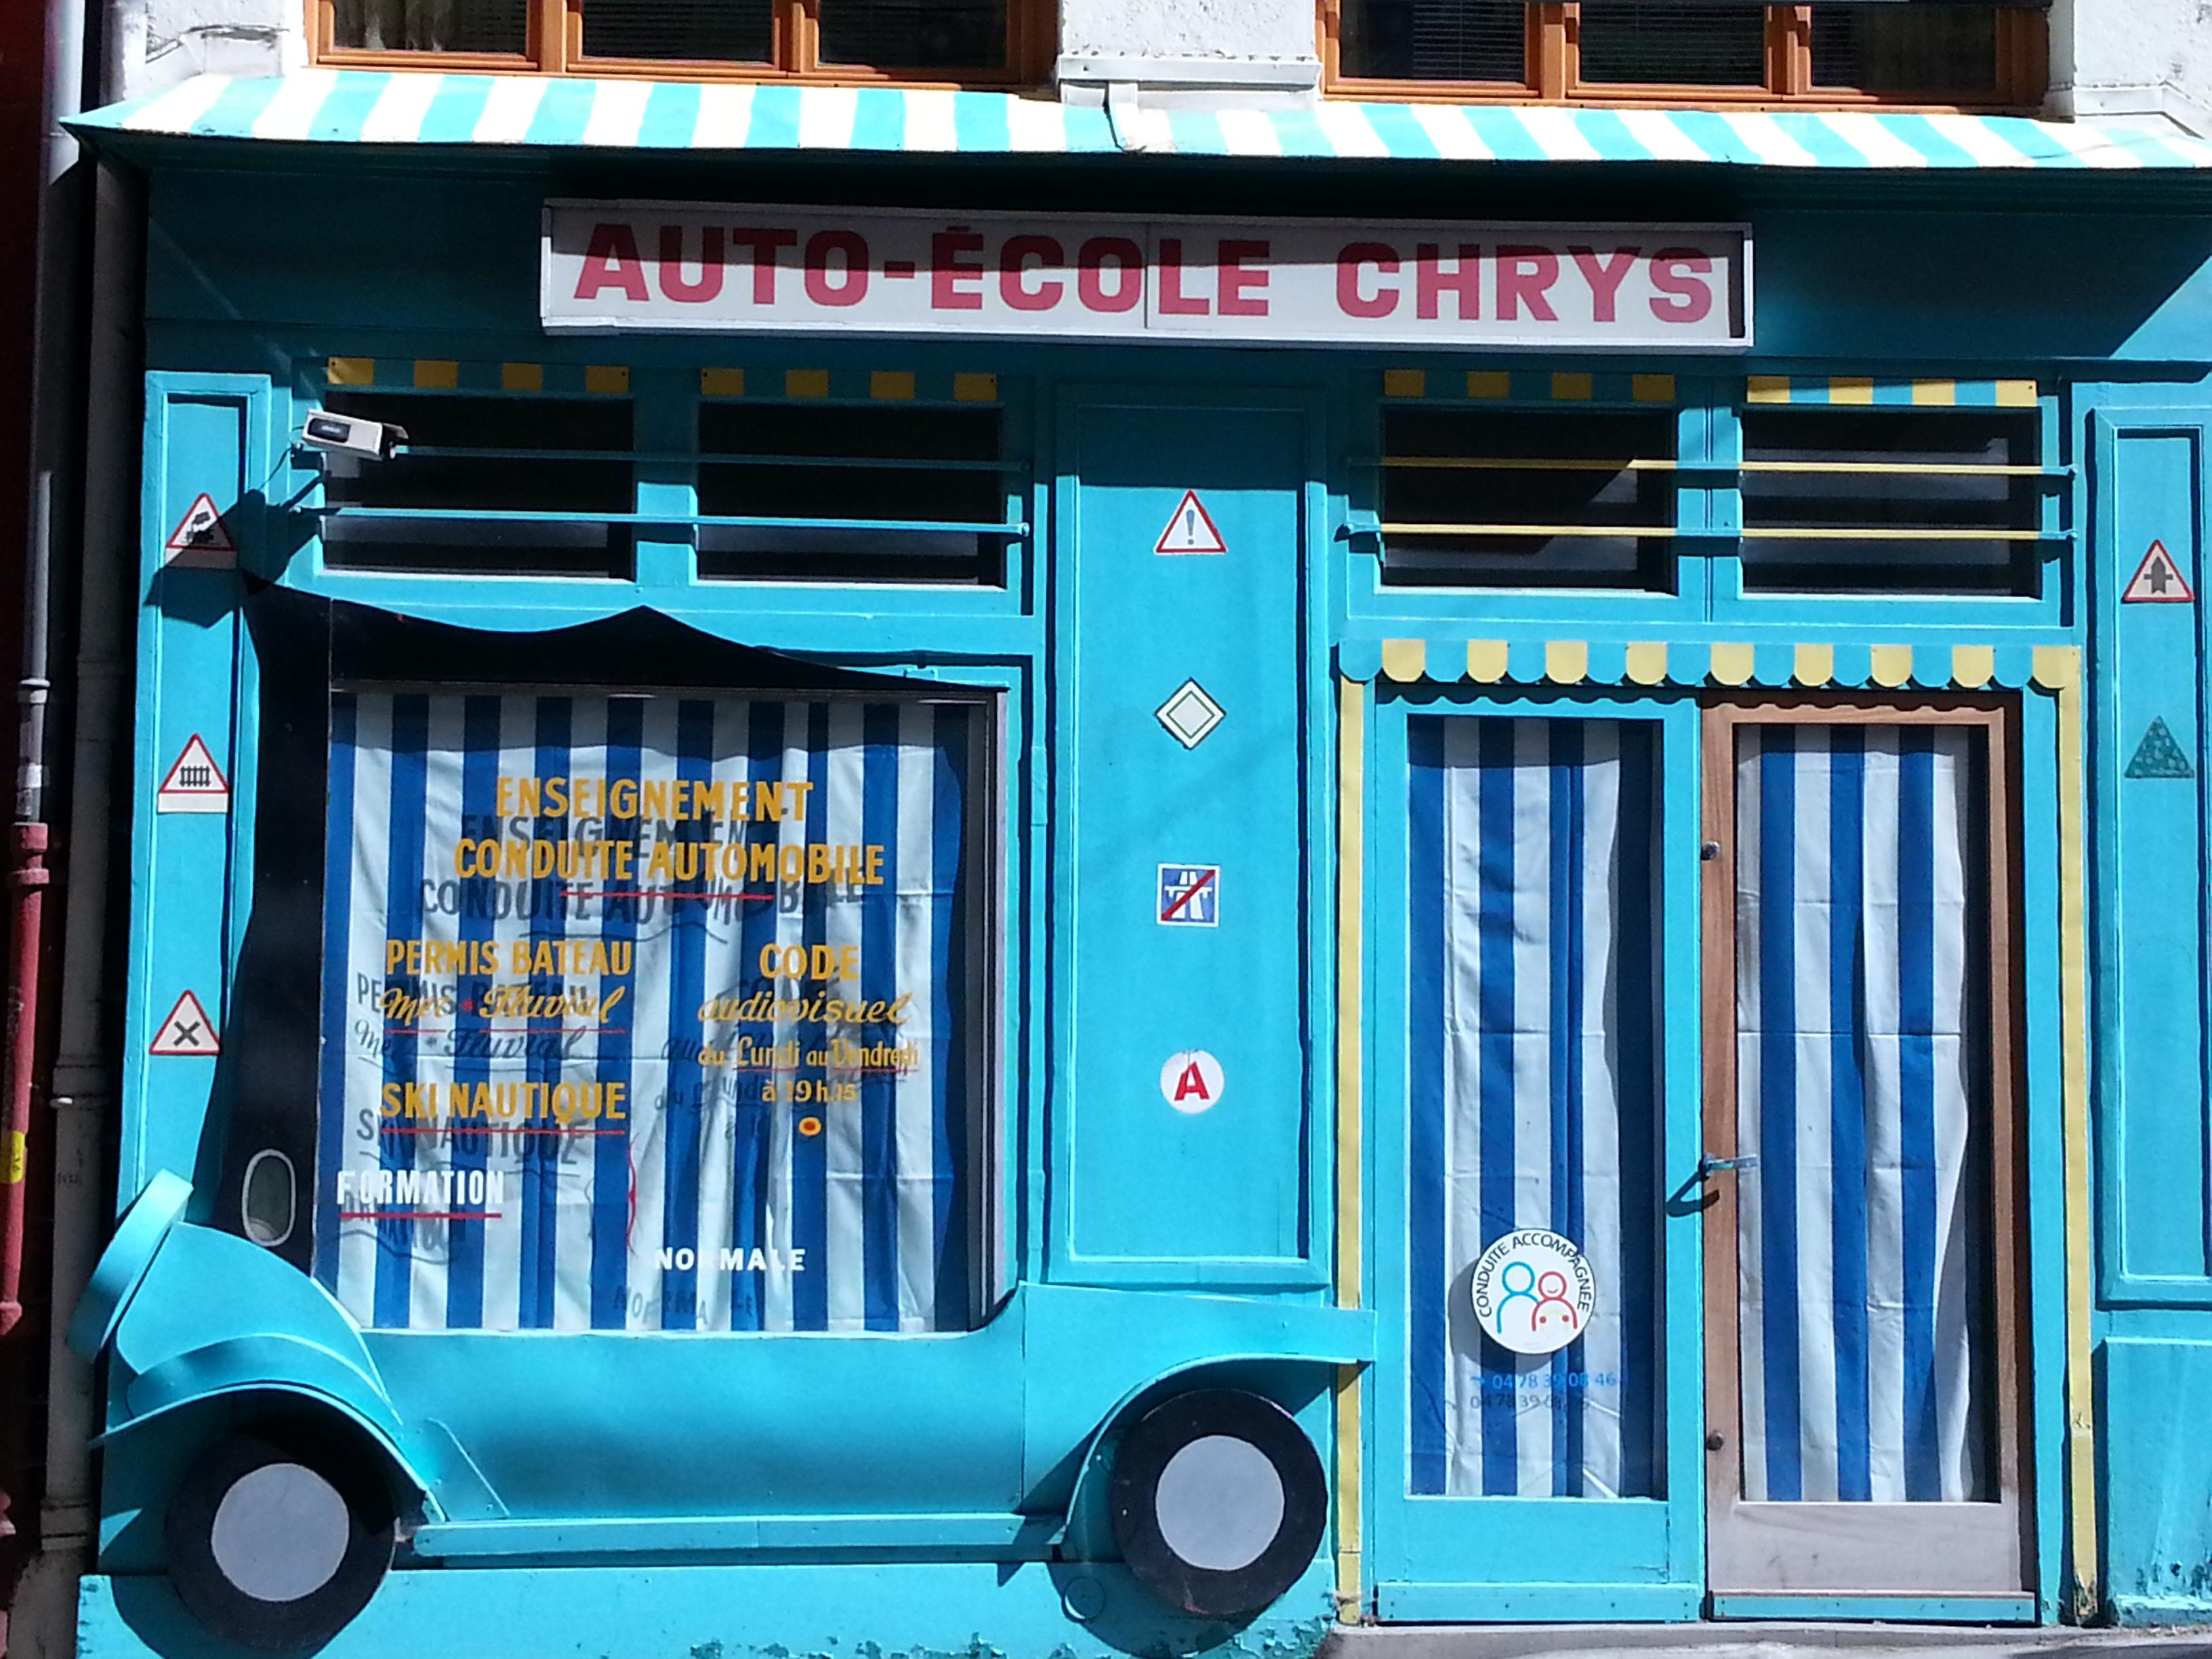 street art pentes croix rousse lyon 25 auto école